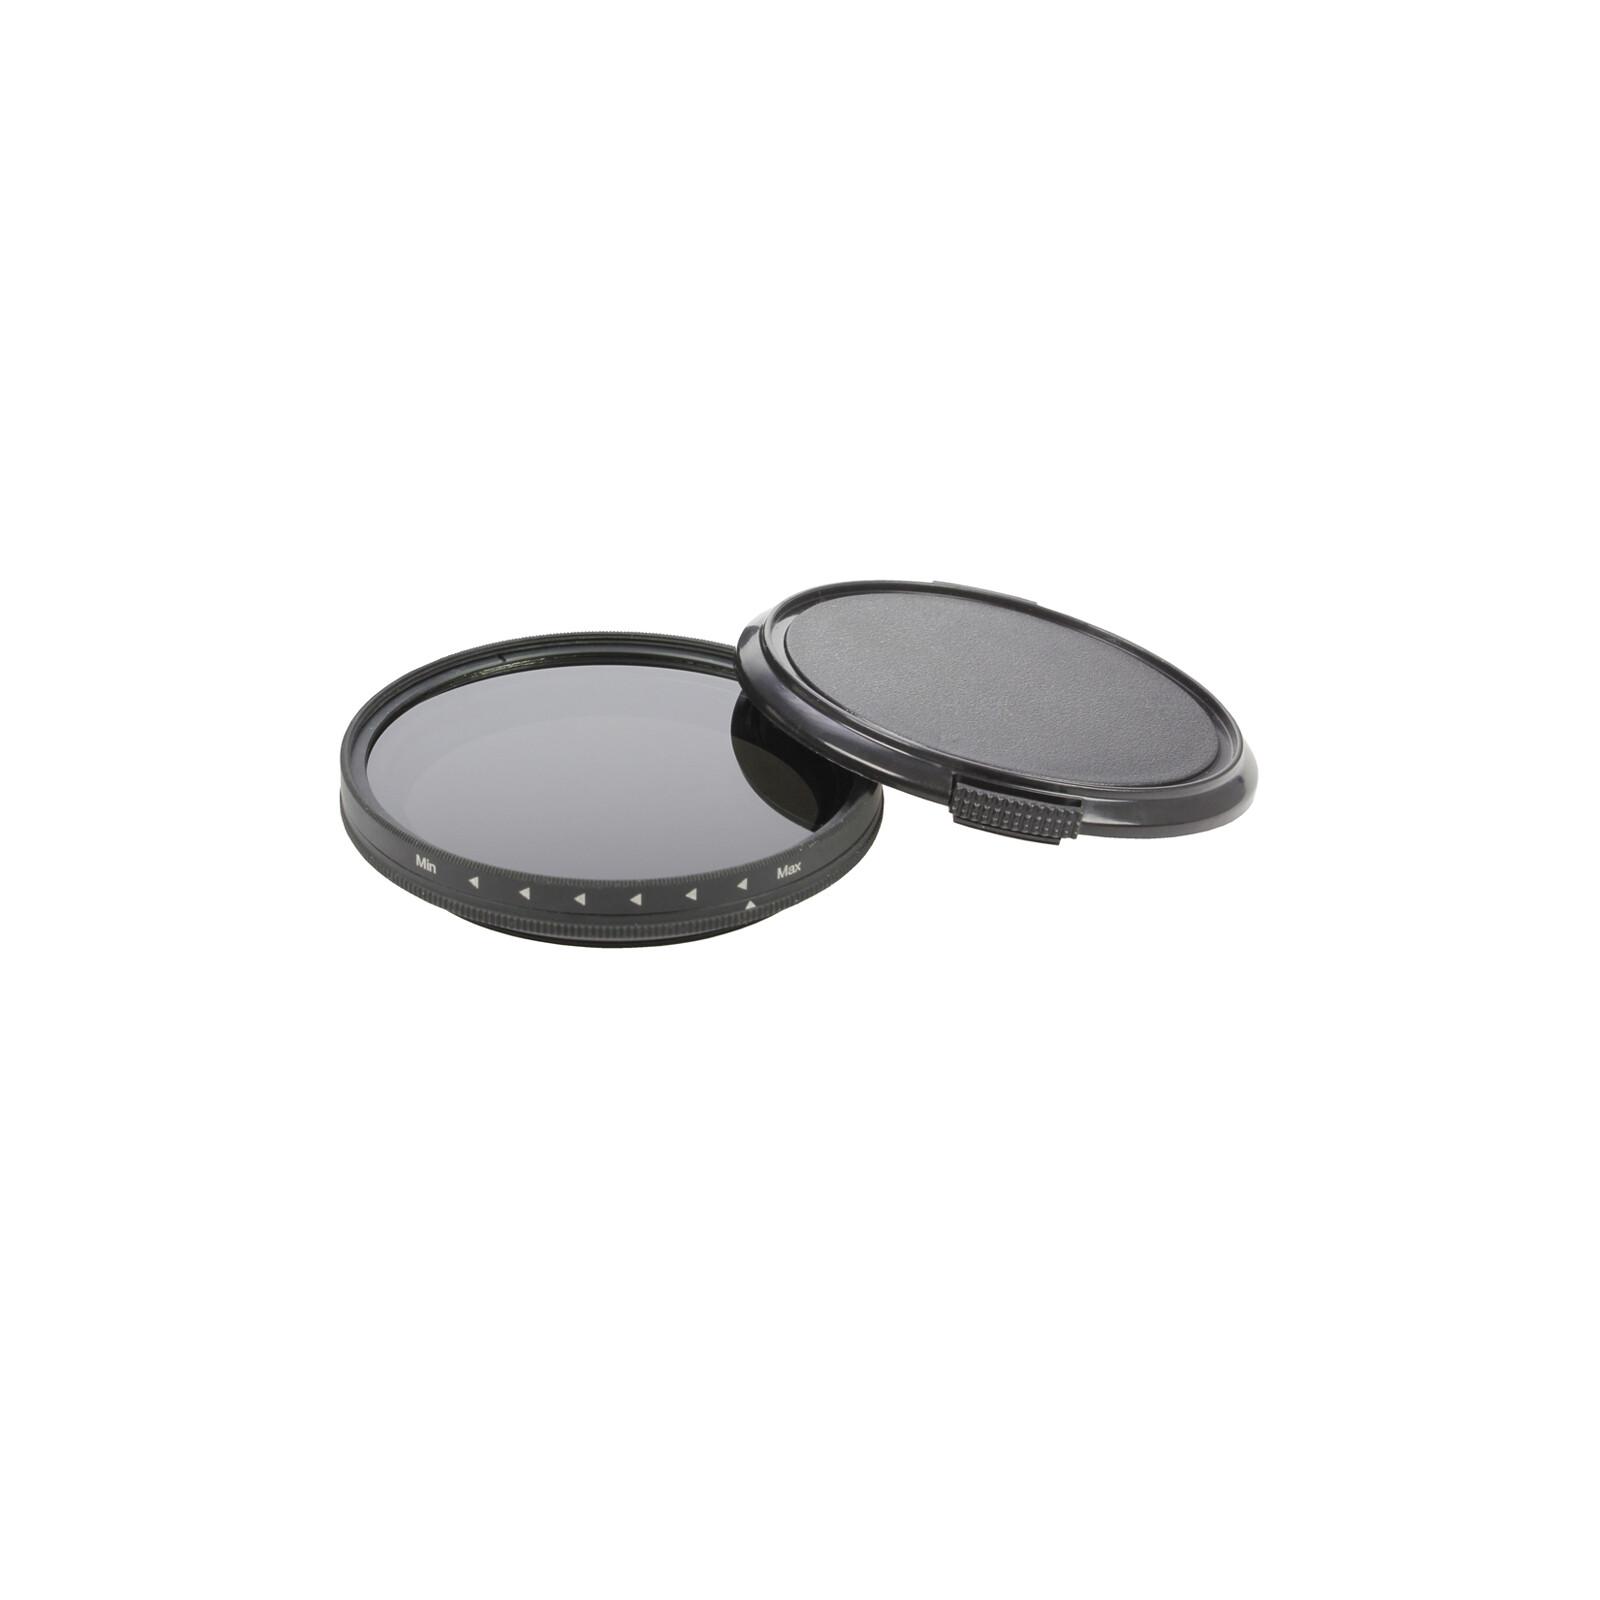 Dörr ND 4-400 Vario Graufilter 77mm (72mm)